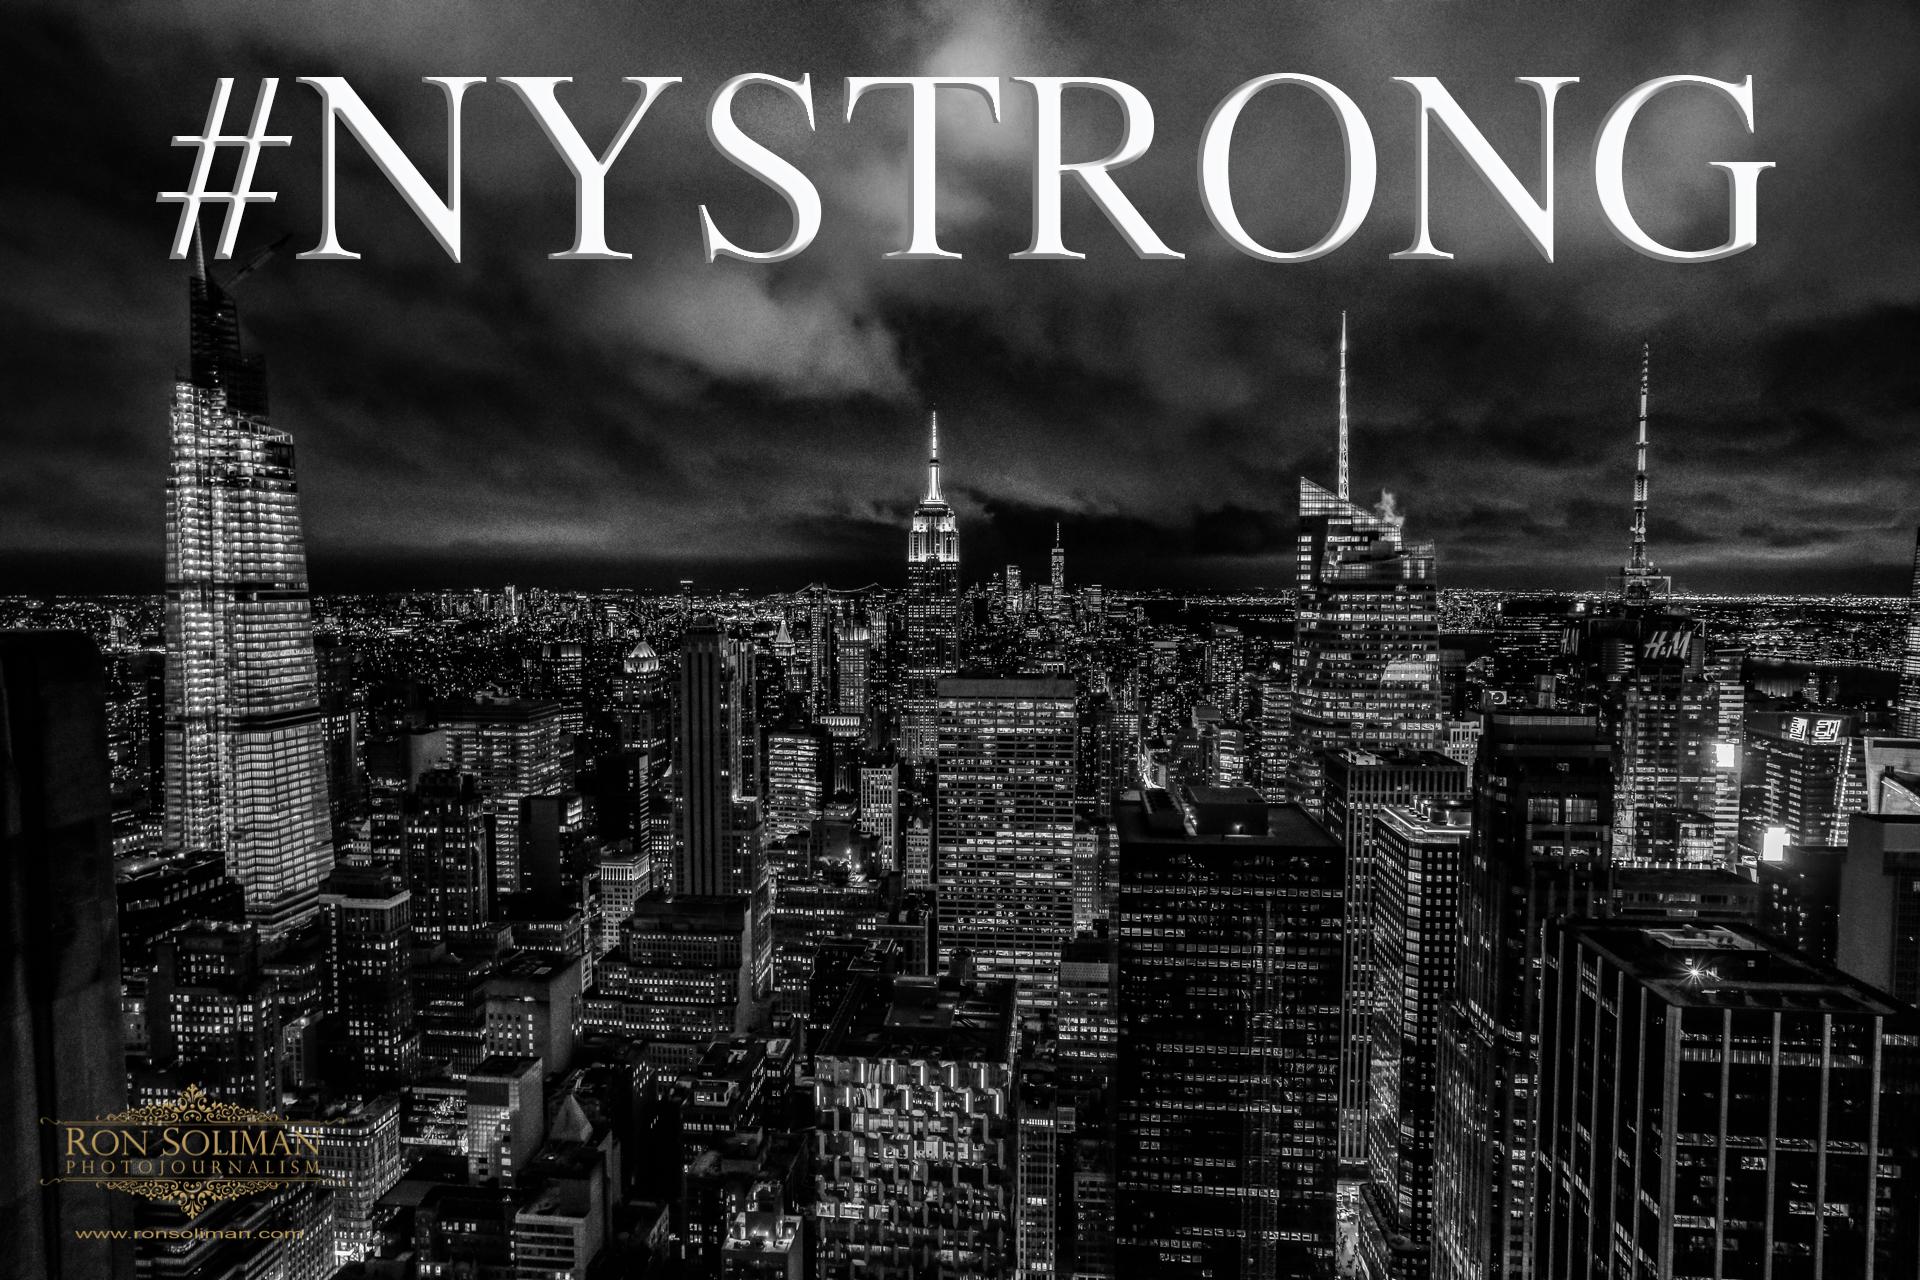 NYC EMPTY 14